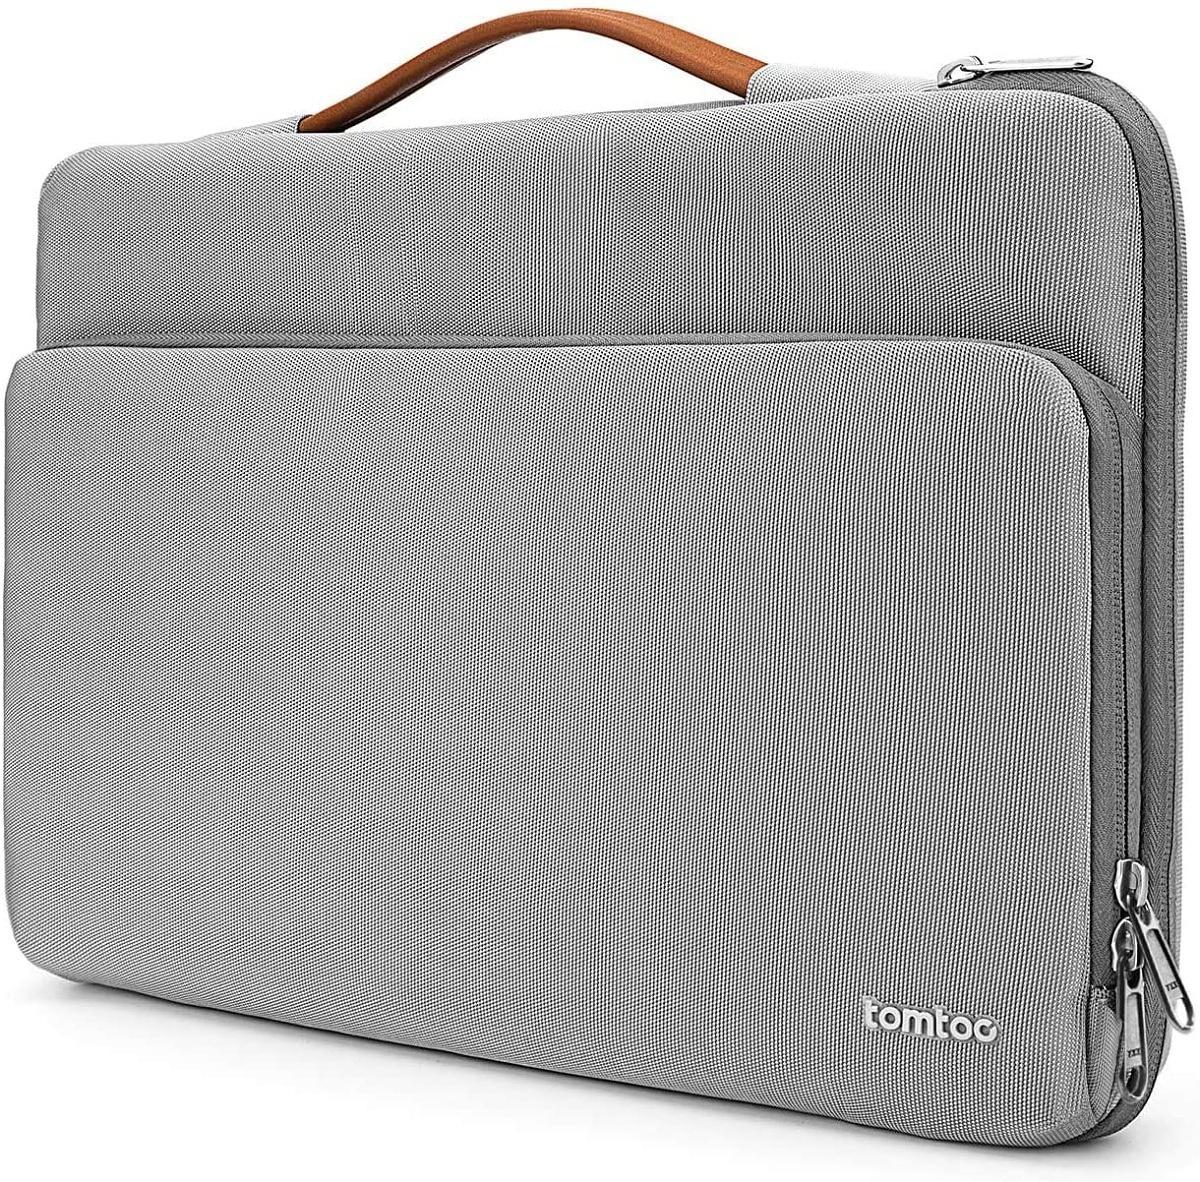 Tomtoc Laptop Sleeve